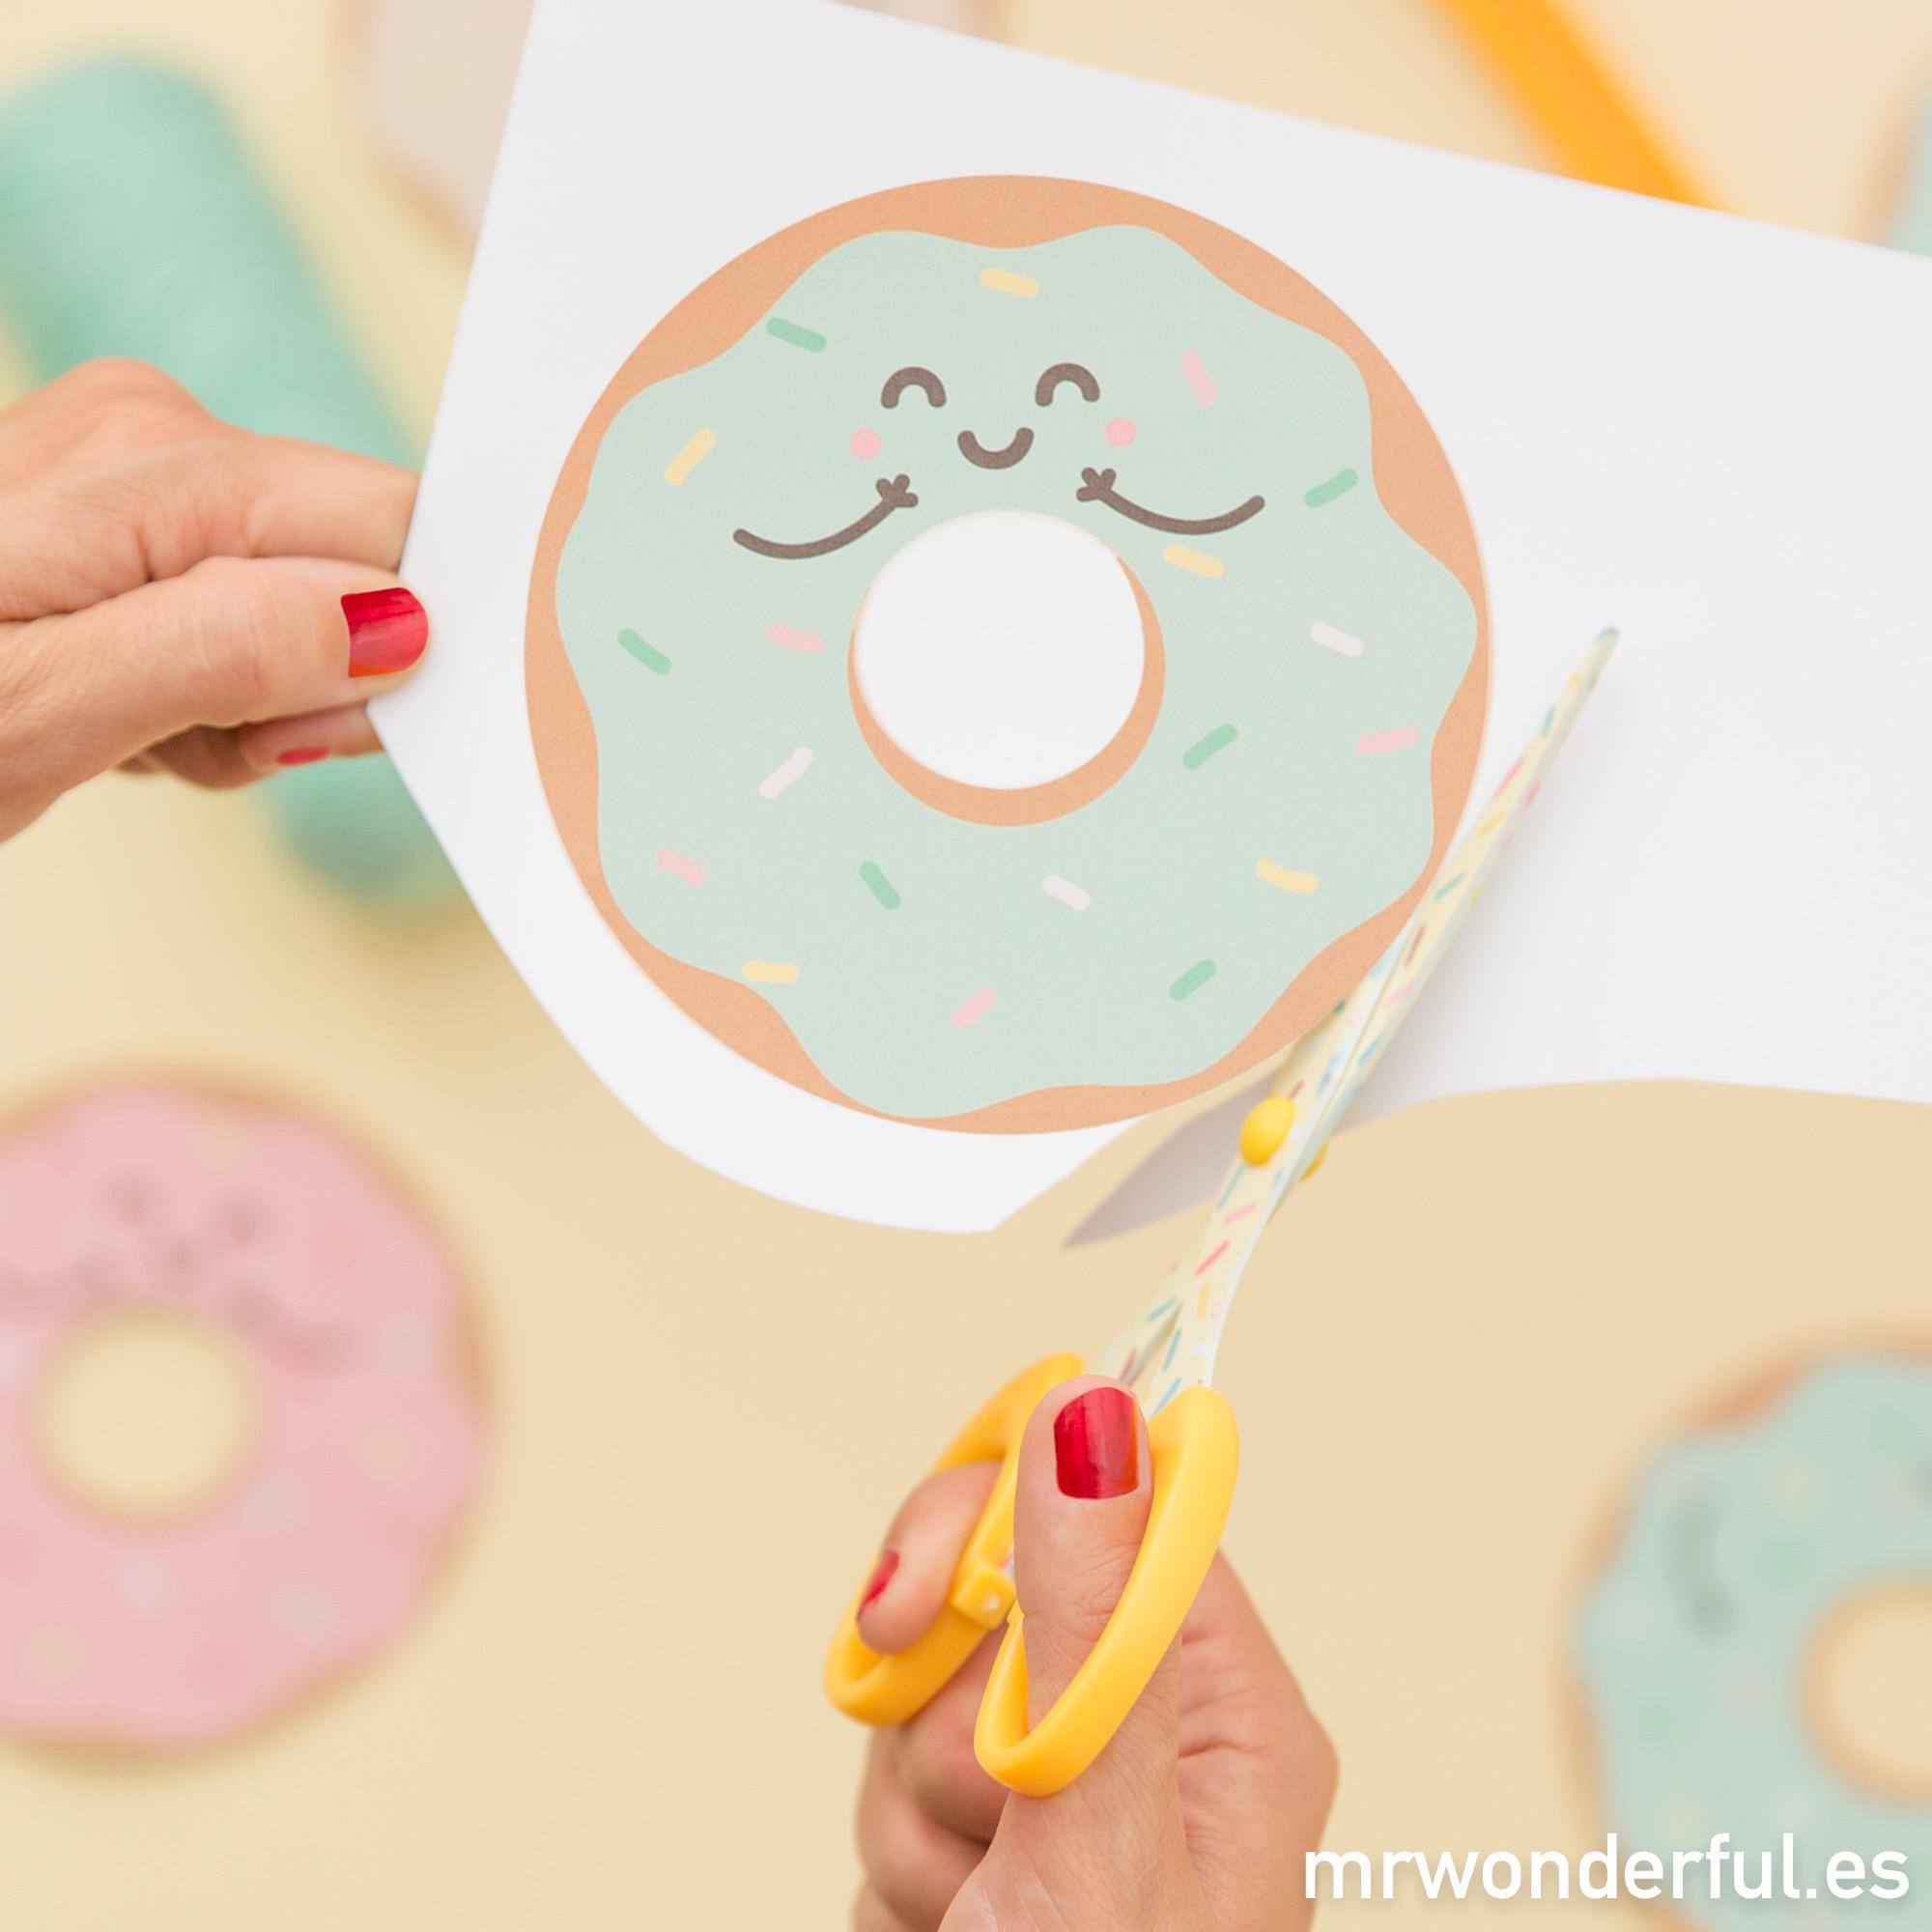 mrwonderful_descargable_banderin-donuts-5-editar